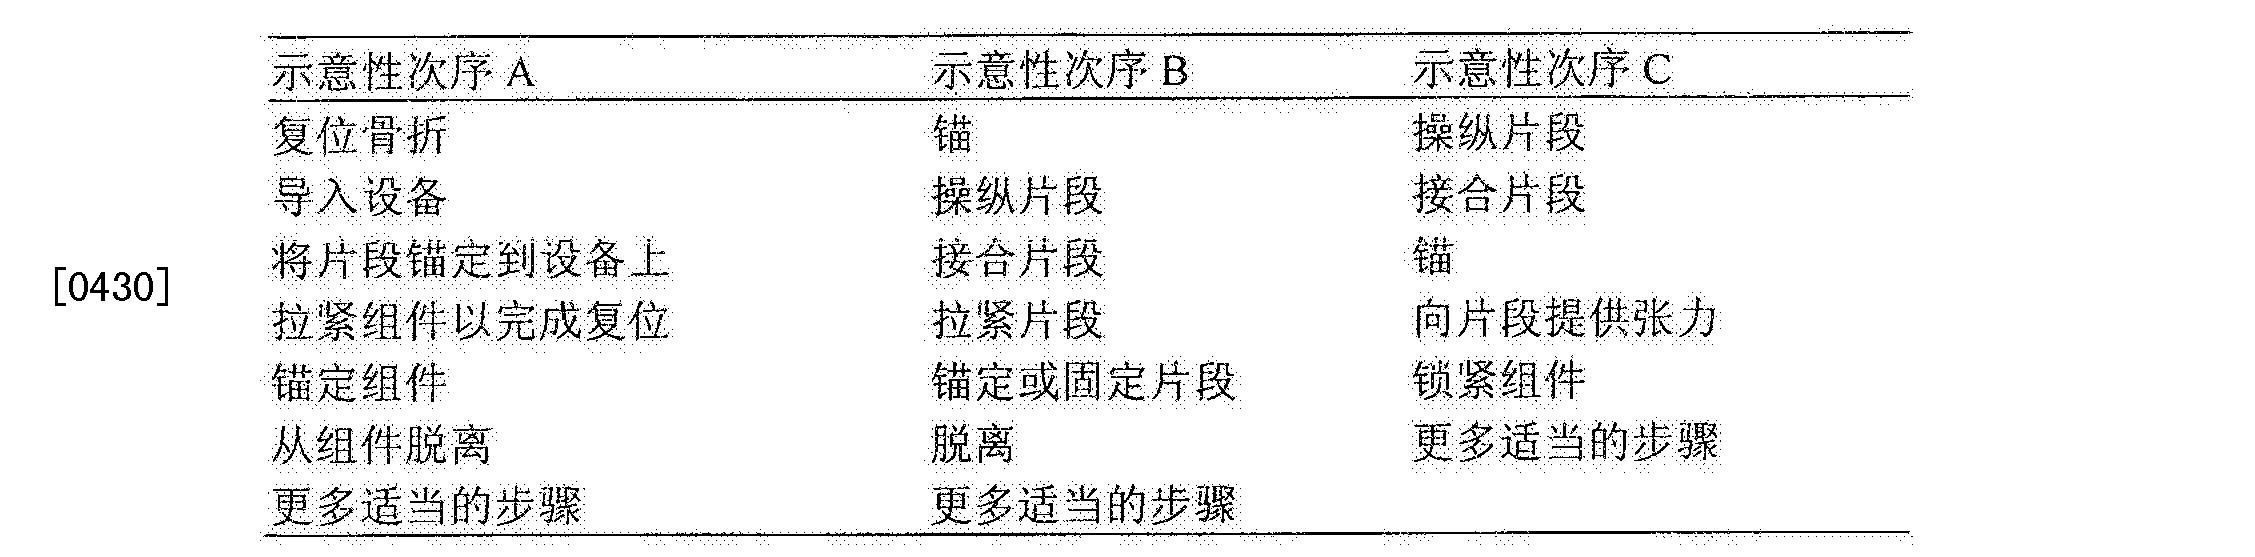 Figure CN103271761BD00371